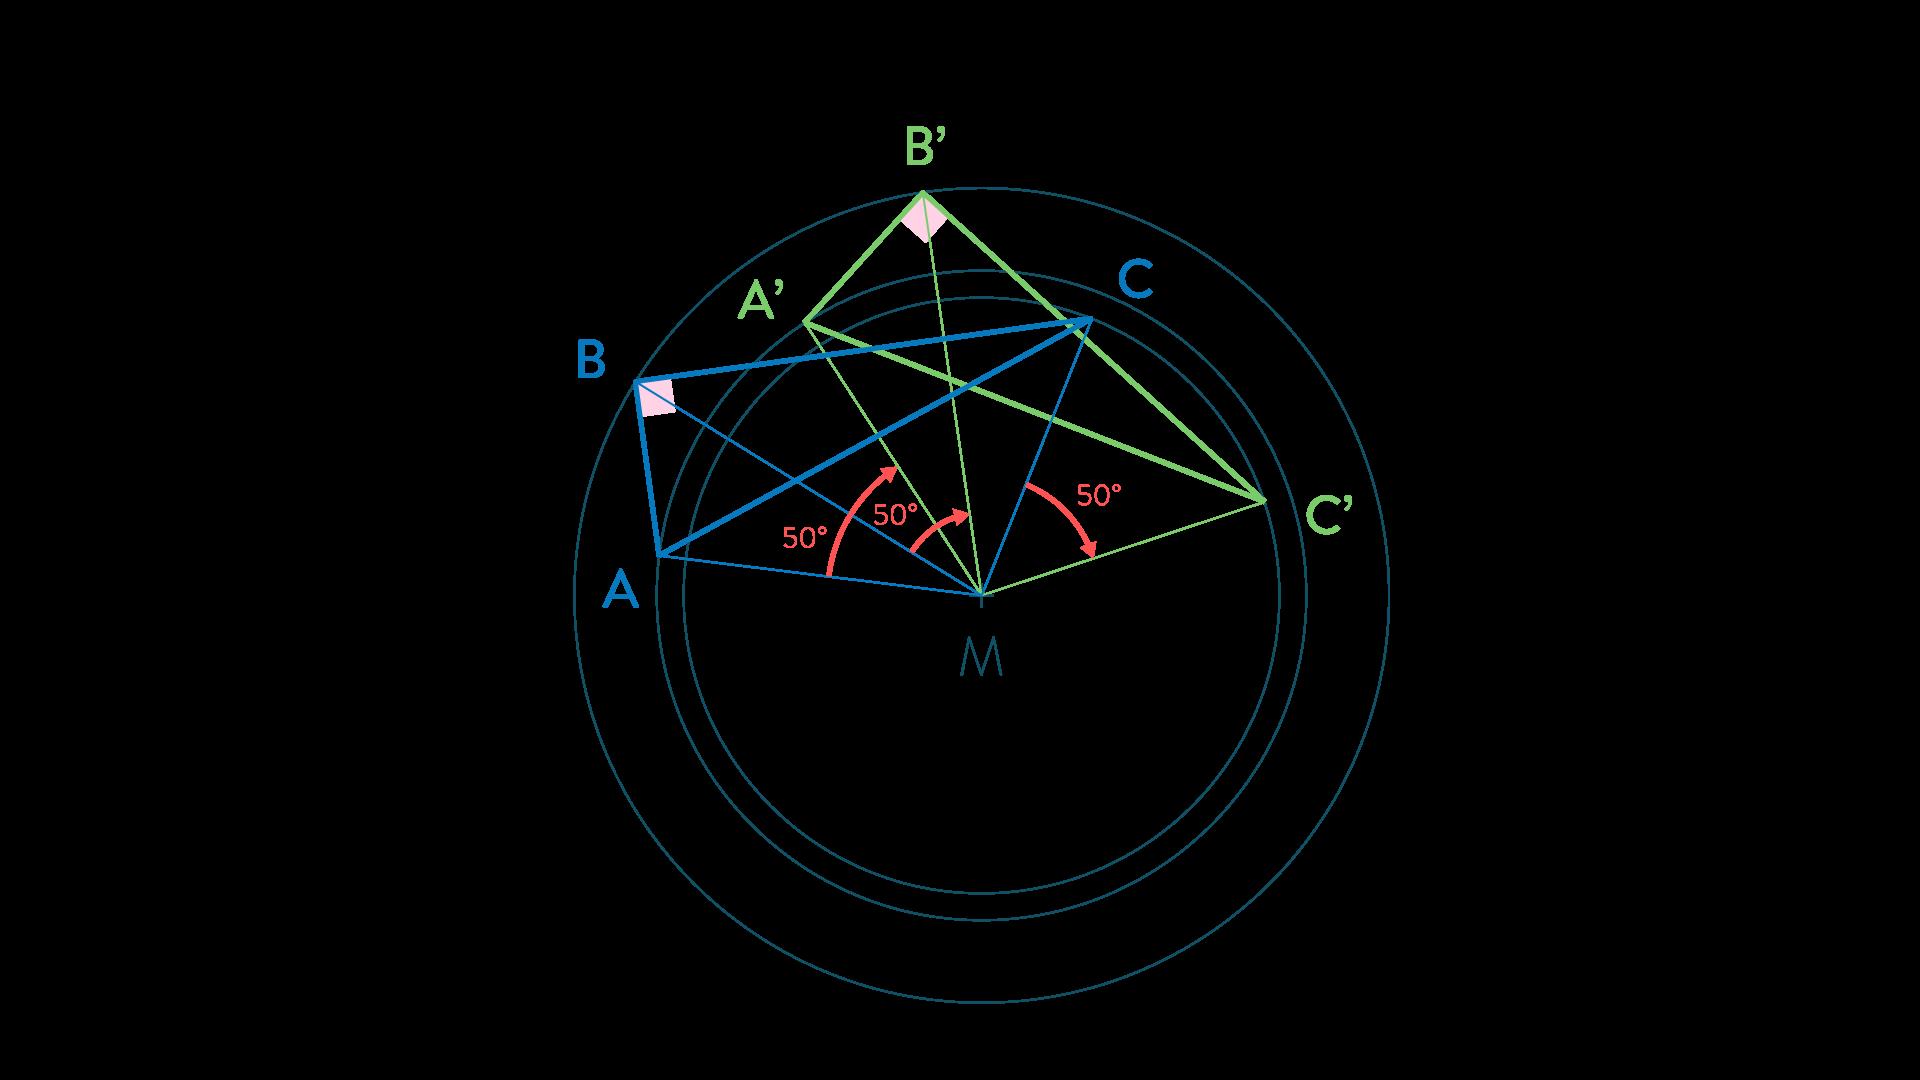 Construire l'image d'un triangle par rotation-Mathématiques-4e